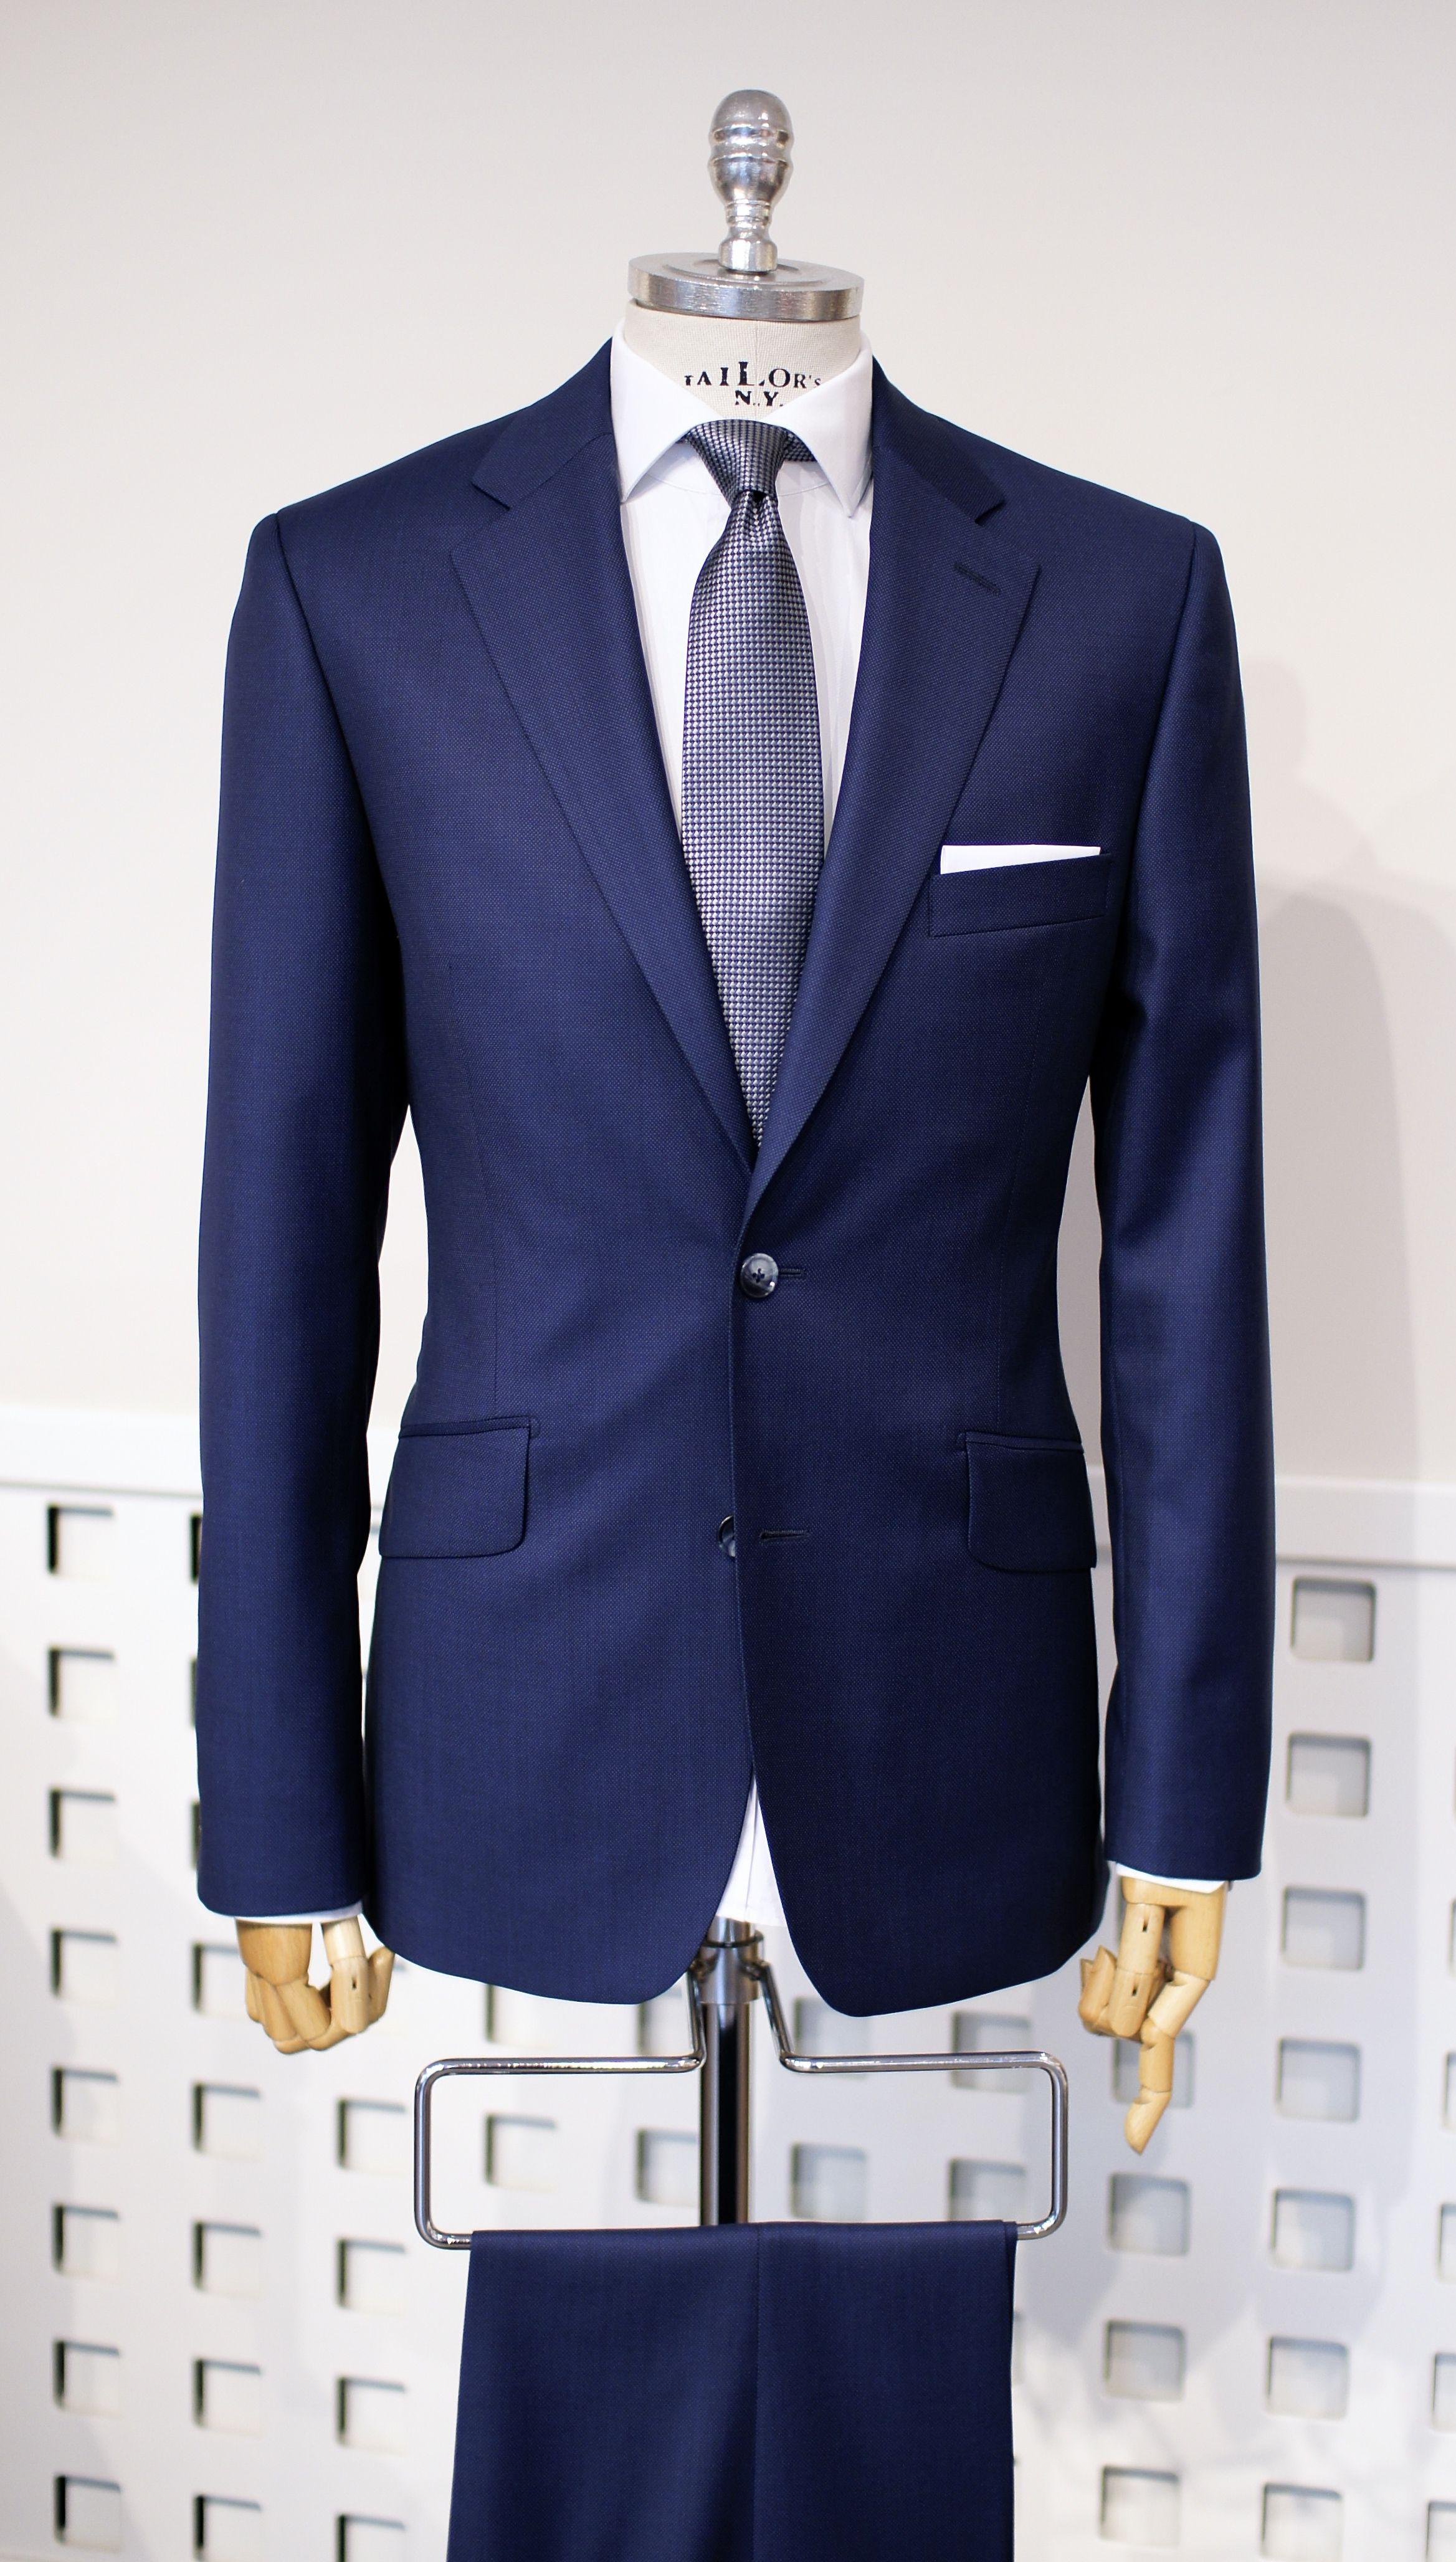 Granatowy Garnitur W Stonowanej Stylizacji Ktora Perfekcyjnie Podkresli Profesjonalizm Designer Suits For Men Mens Fashion Business Casual Mens Fashion Classy